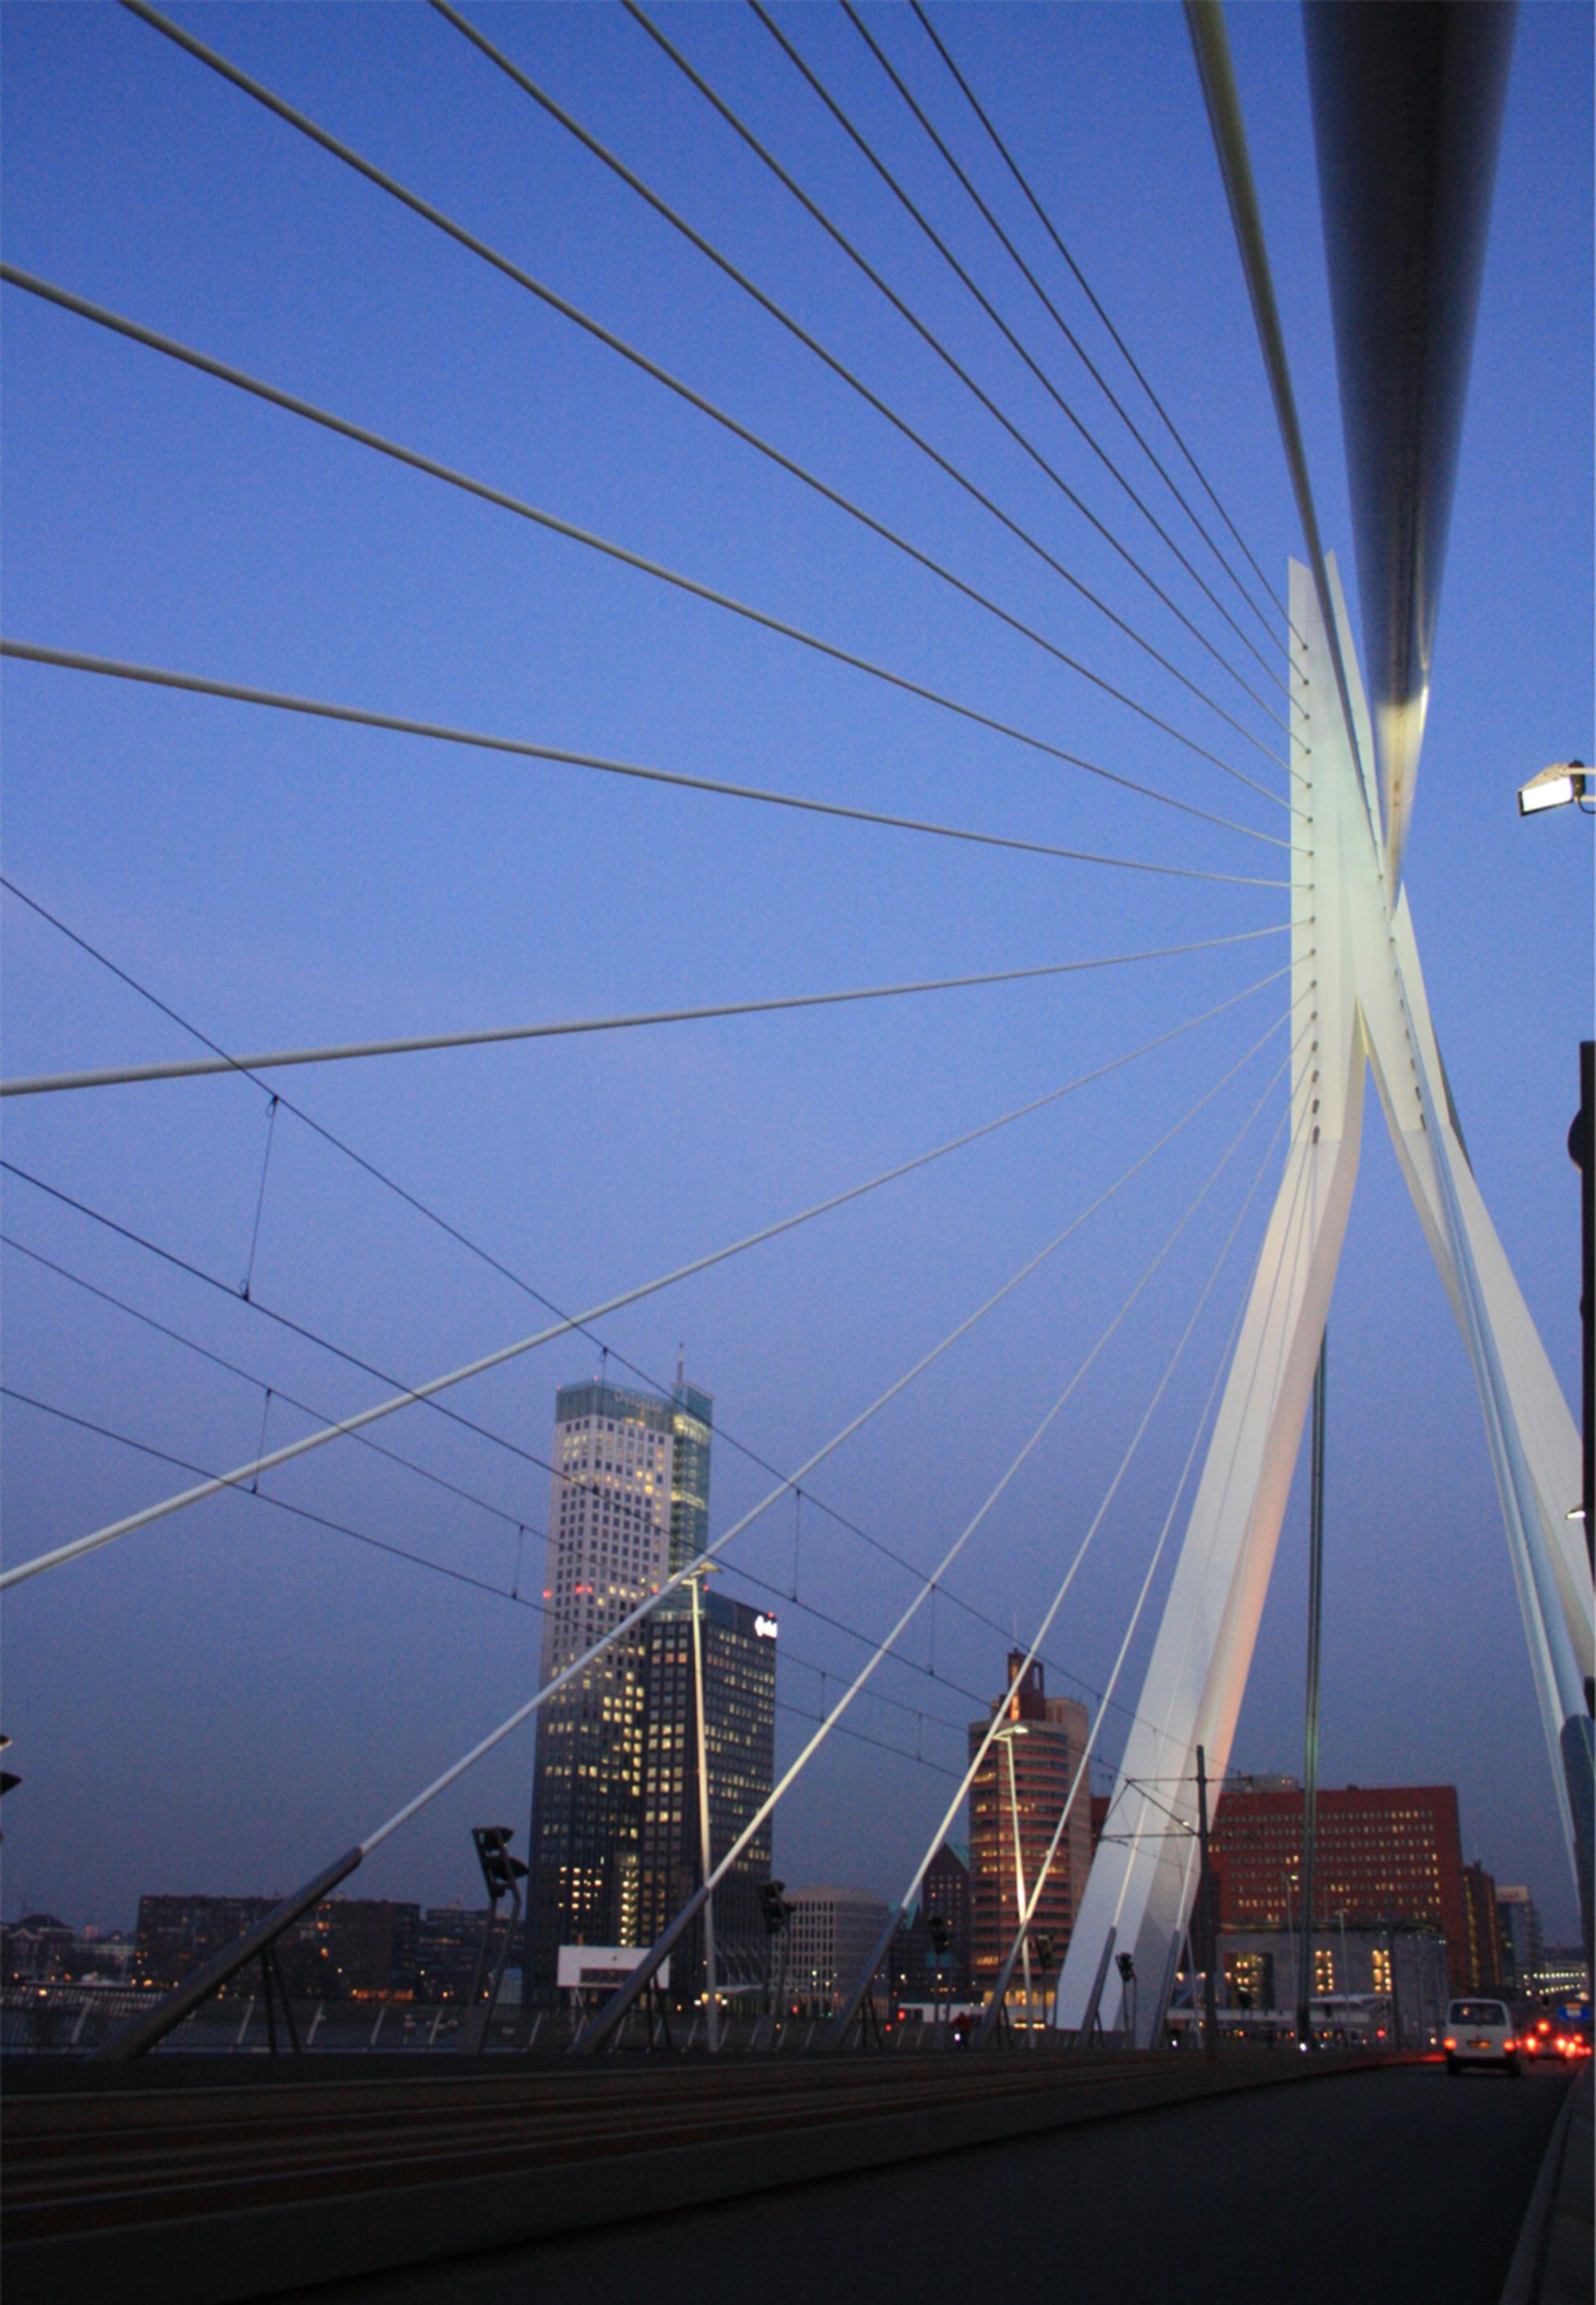 Daar waar lijnen elkaar kruisen - Een lijnvolle foto genomen vanaf de Erasmusbrug bij schemering. - foto door anneliefsje op 29-06-2011 - deze foto bevat: rotterdam, lijnen, structuur, zonsondergang, architectuur, star, sfeer, schemering, strak